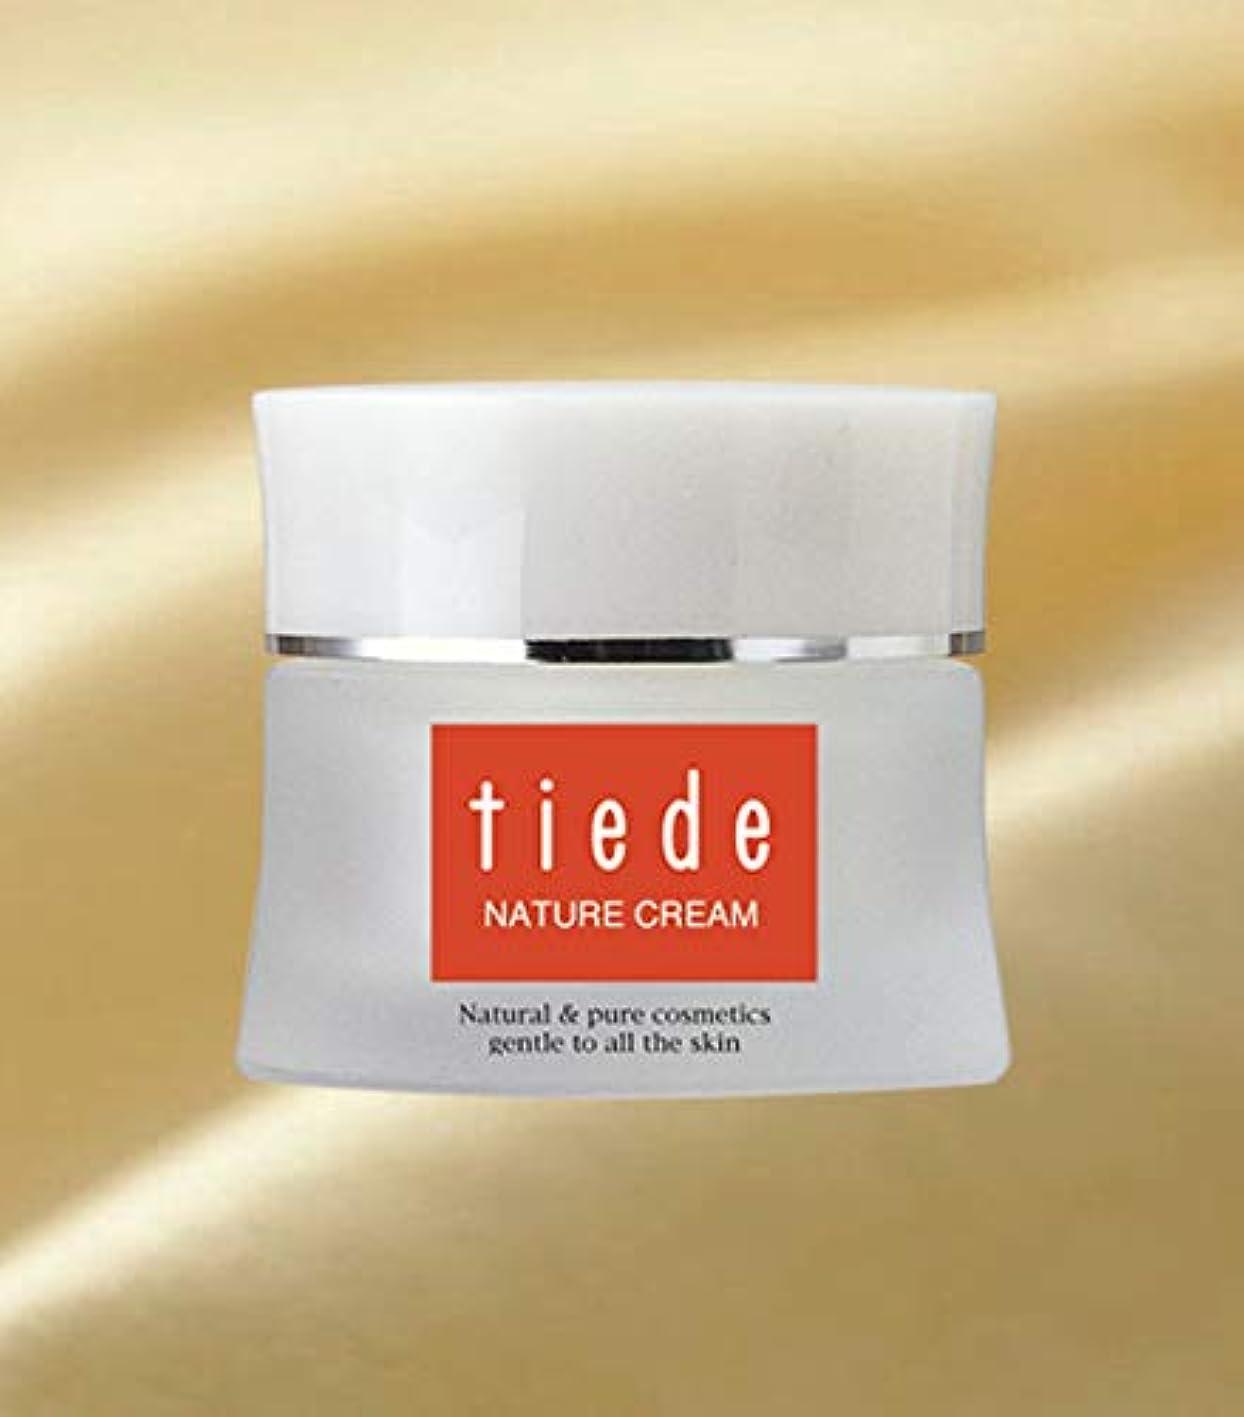 容赦ない弓価値ティエード ナテュール クリーム(40g) Tiede Natural Cream